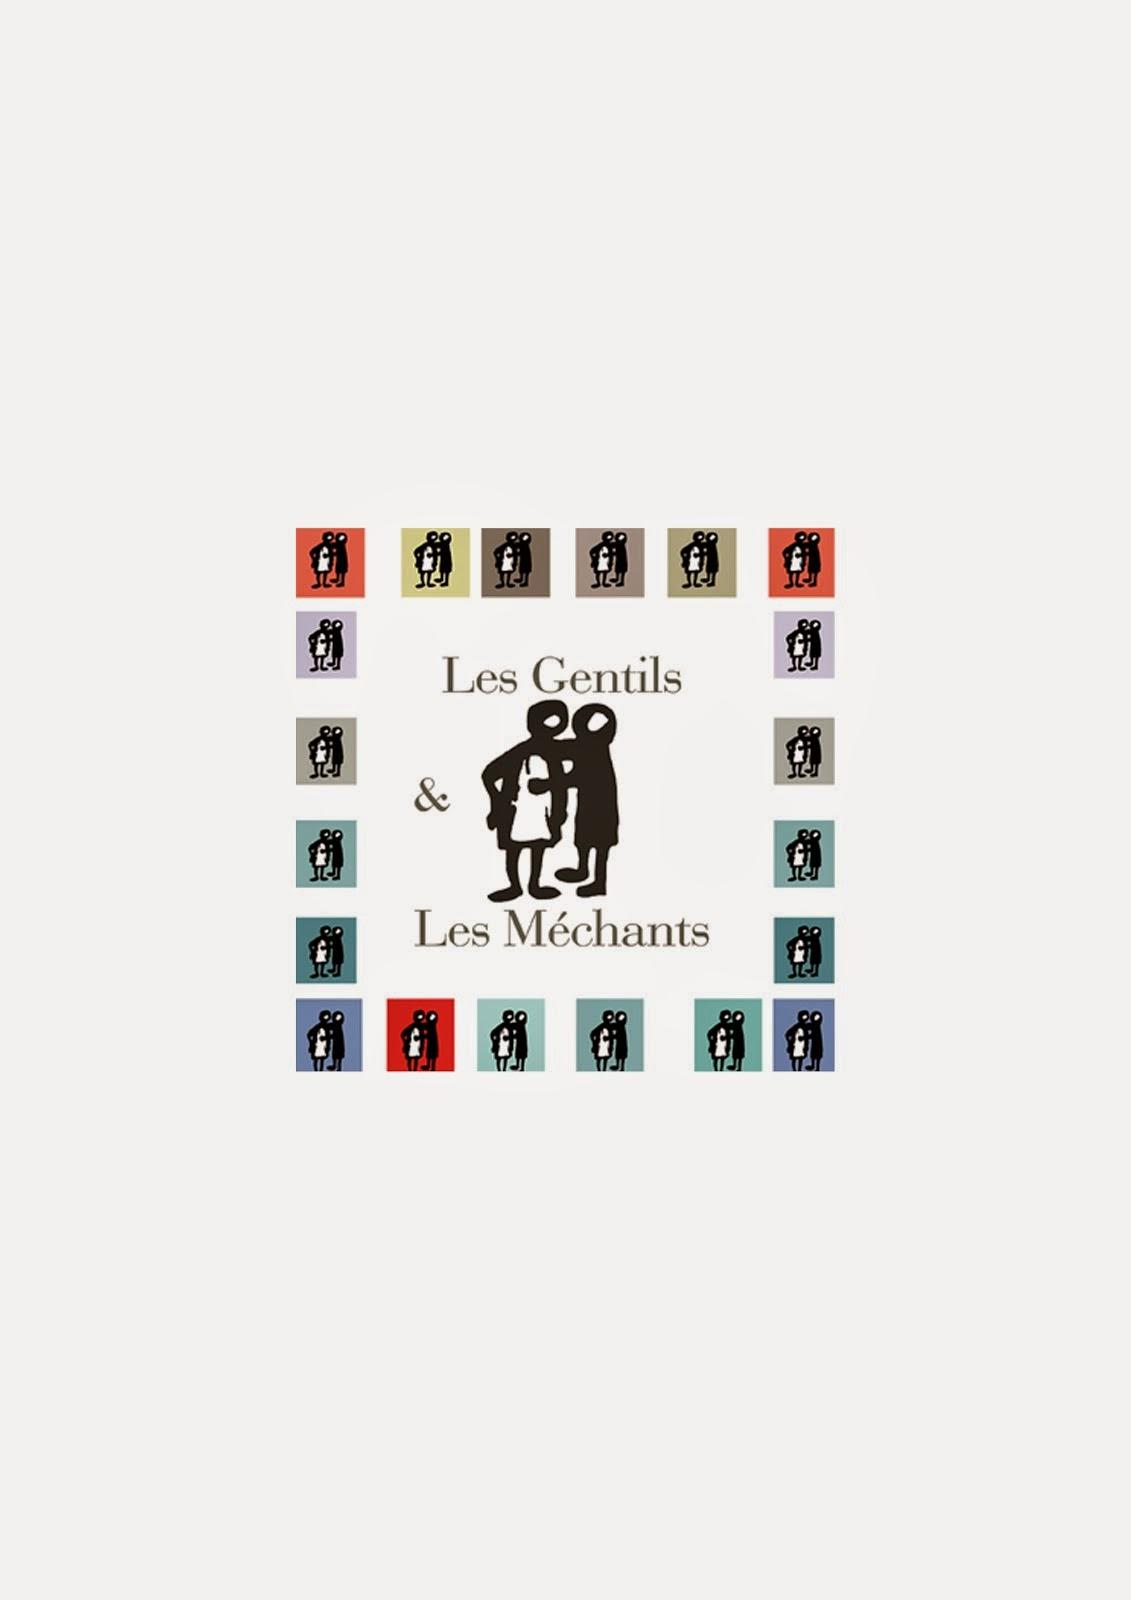 LesGentils&LesMéchants (marque et modèles déposés)